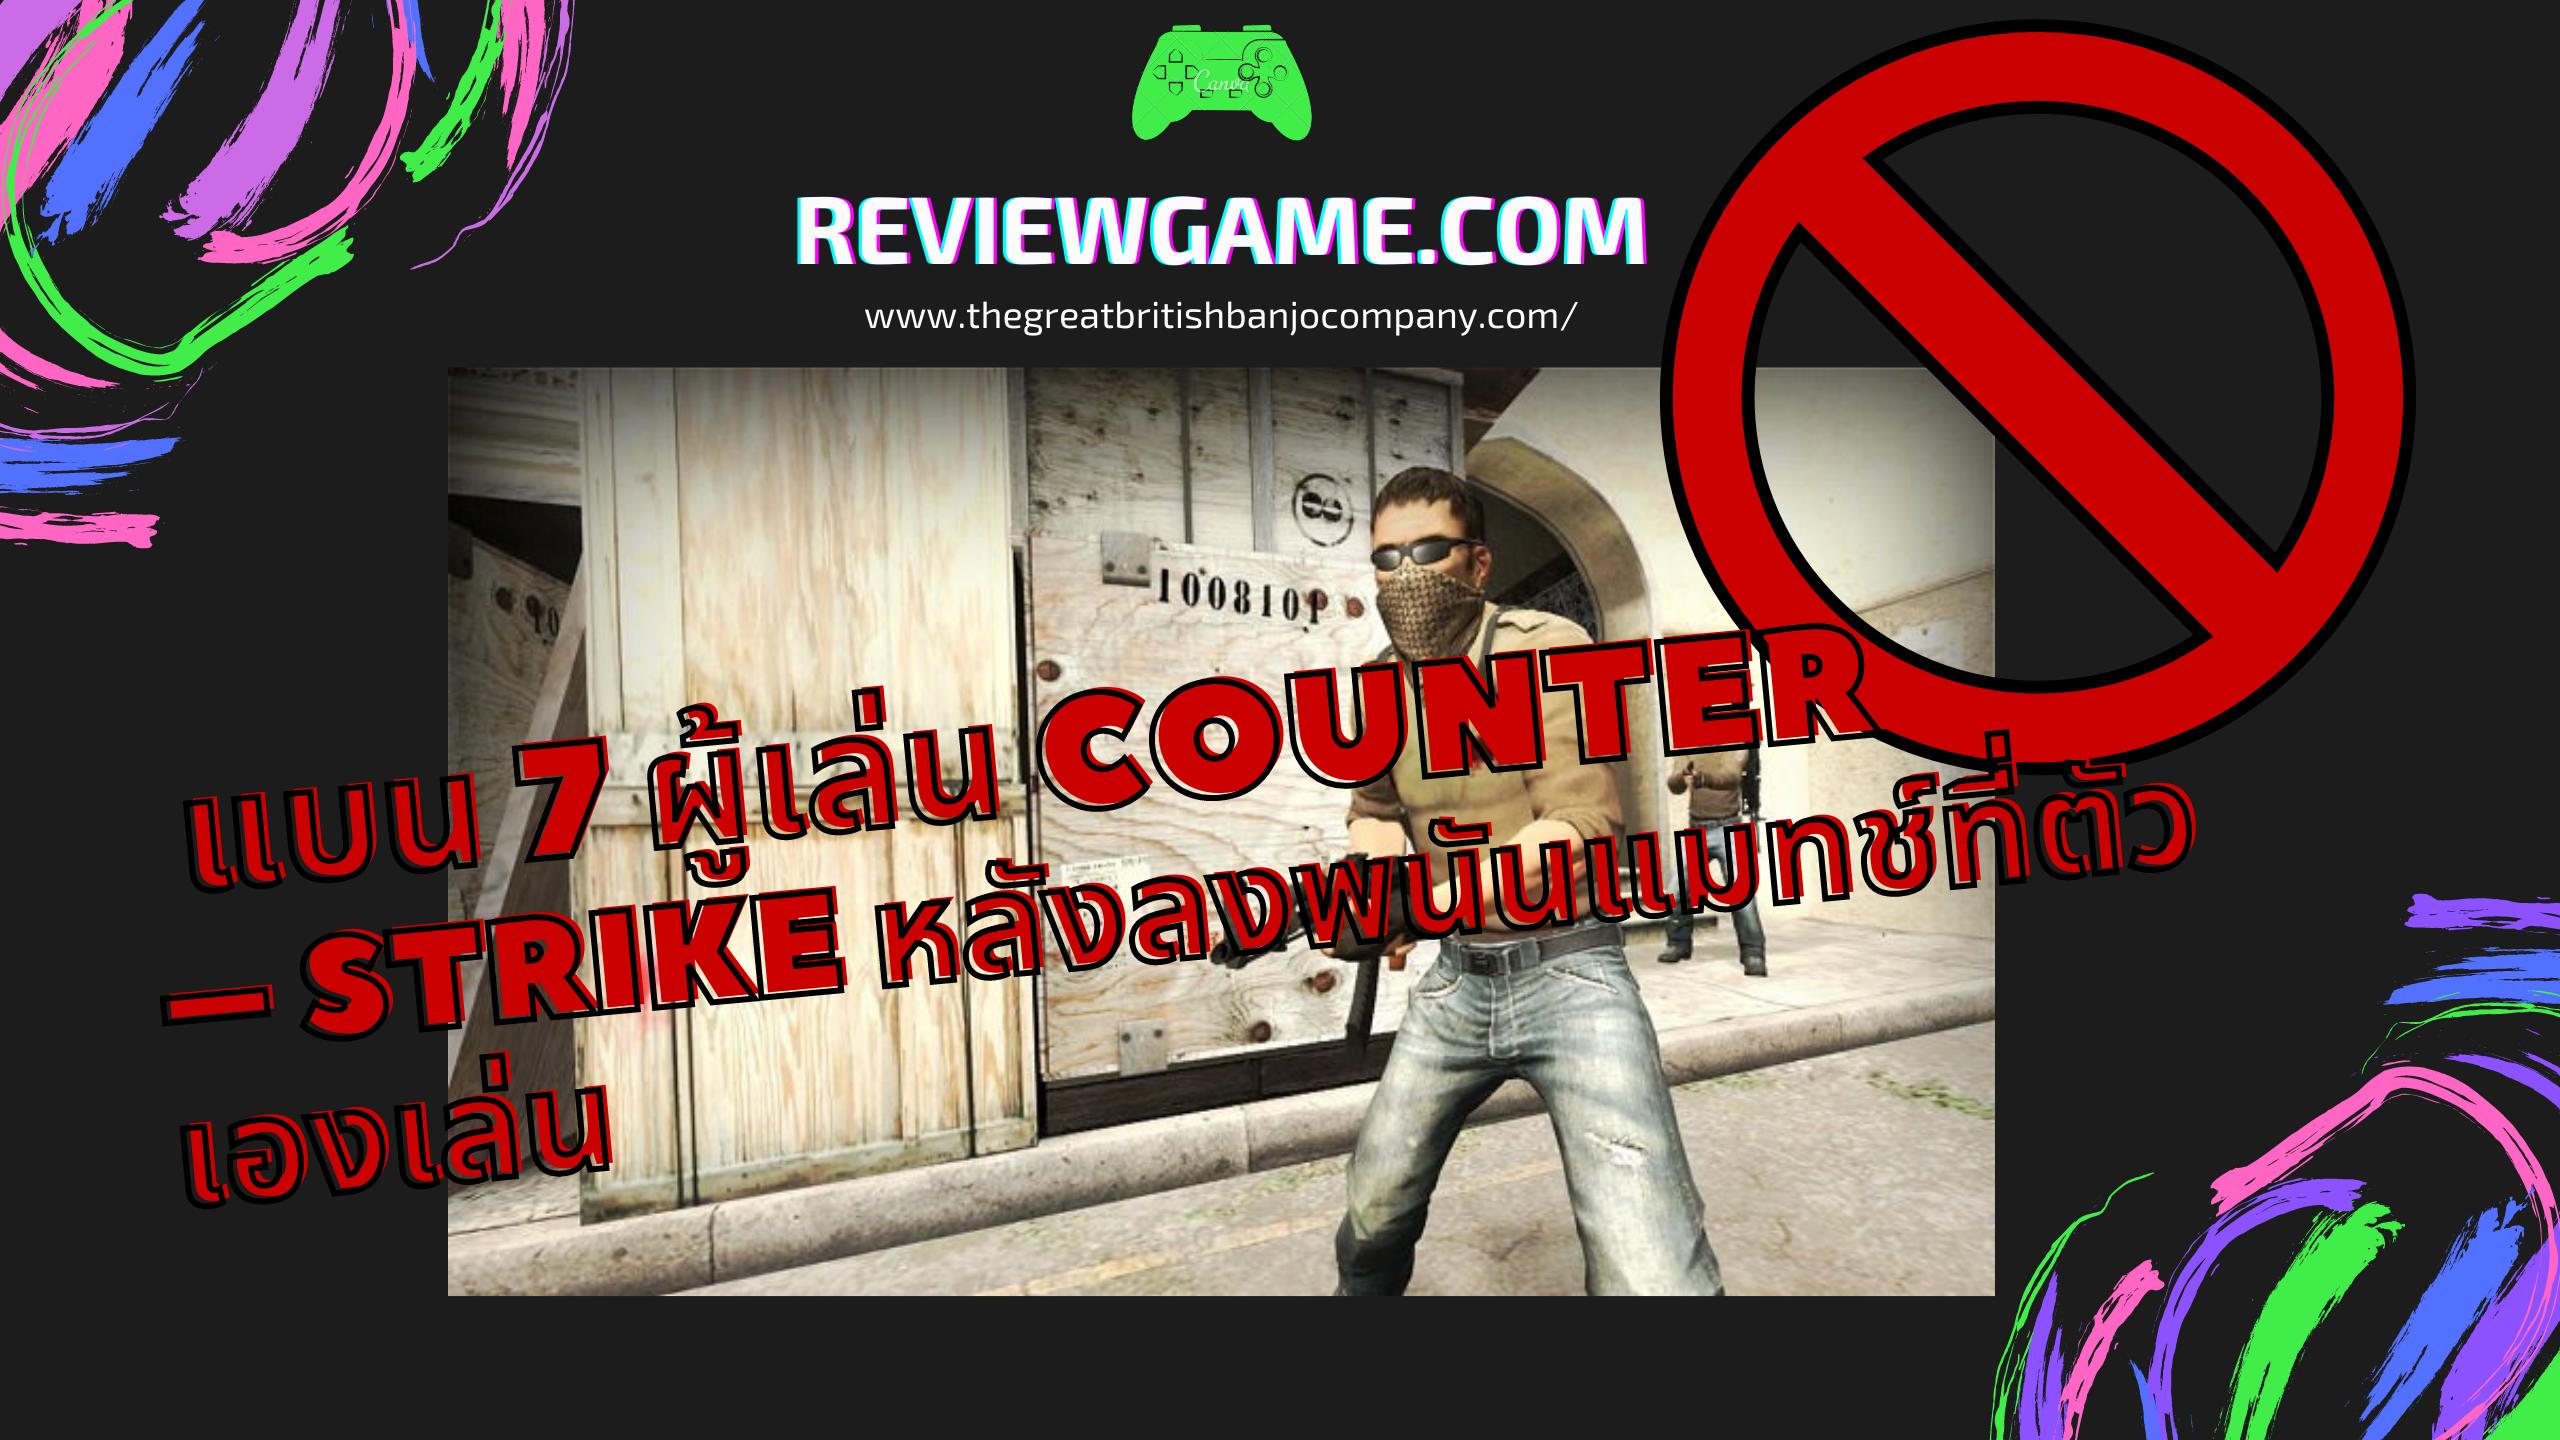 """ได้ทำการ แบน 7 ผู้เล่น Counter – Strike หลังลงพนันแมทช์ที่ตัวเองเล่น ทั้ง 7 คนประกอบด้วย Sjanastasi Akram Mayker Netik Damian JD Jeffery""""Jhd"""